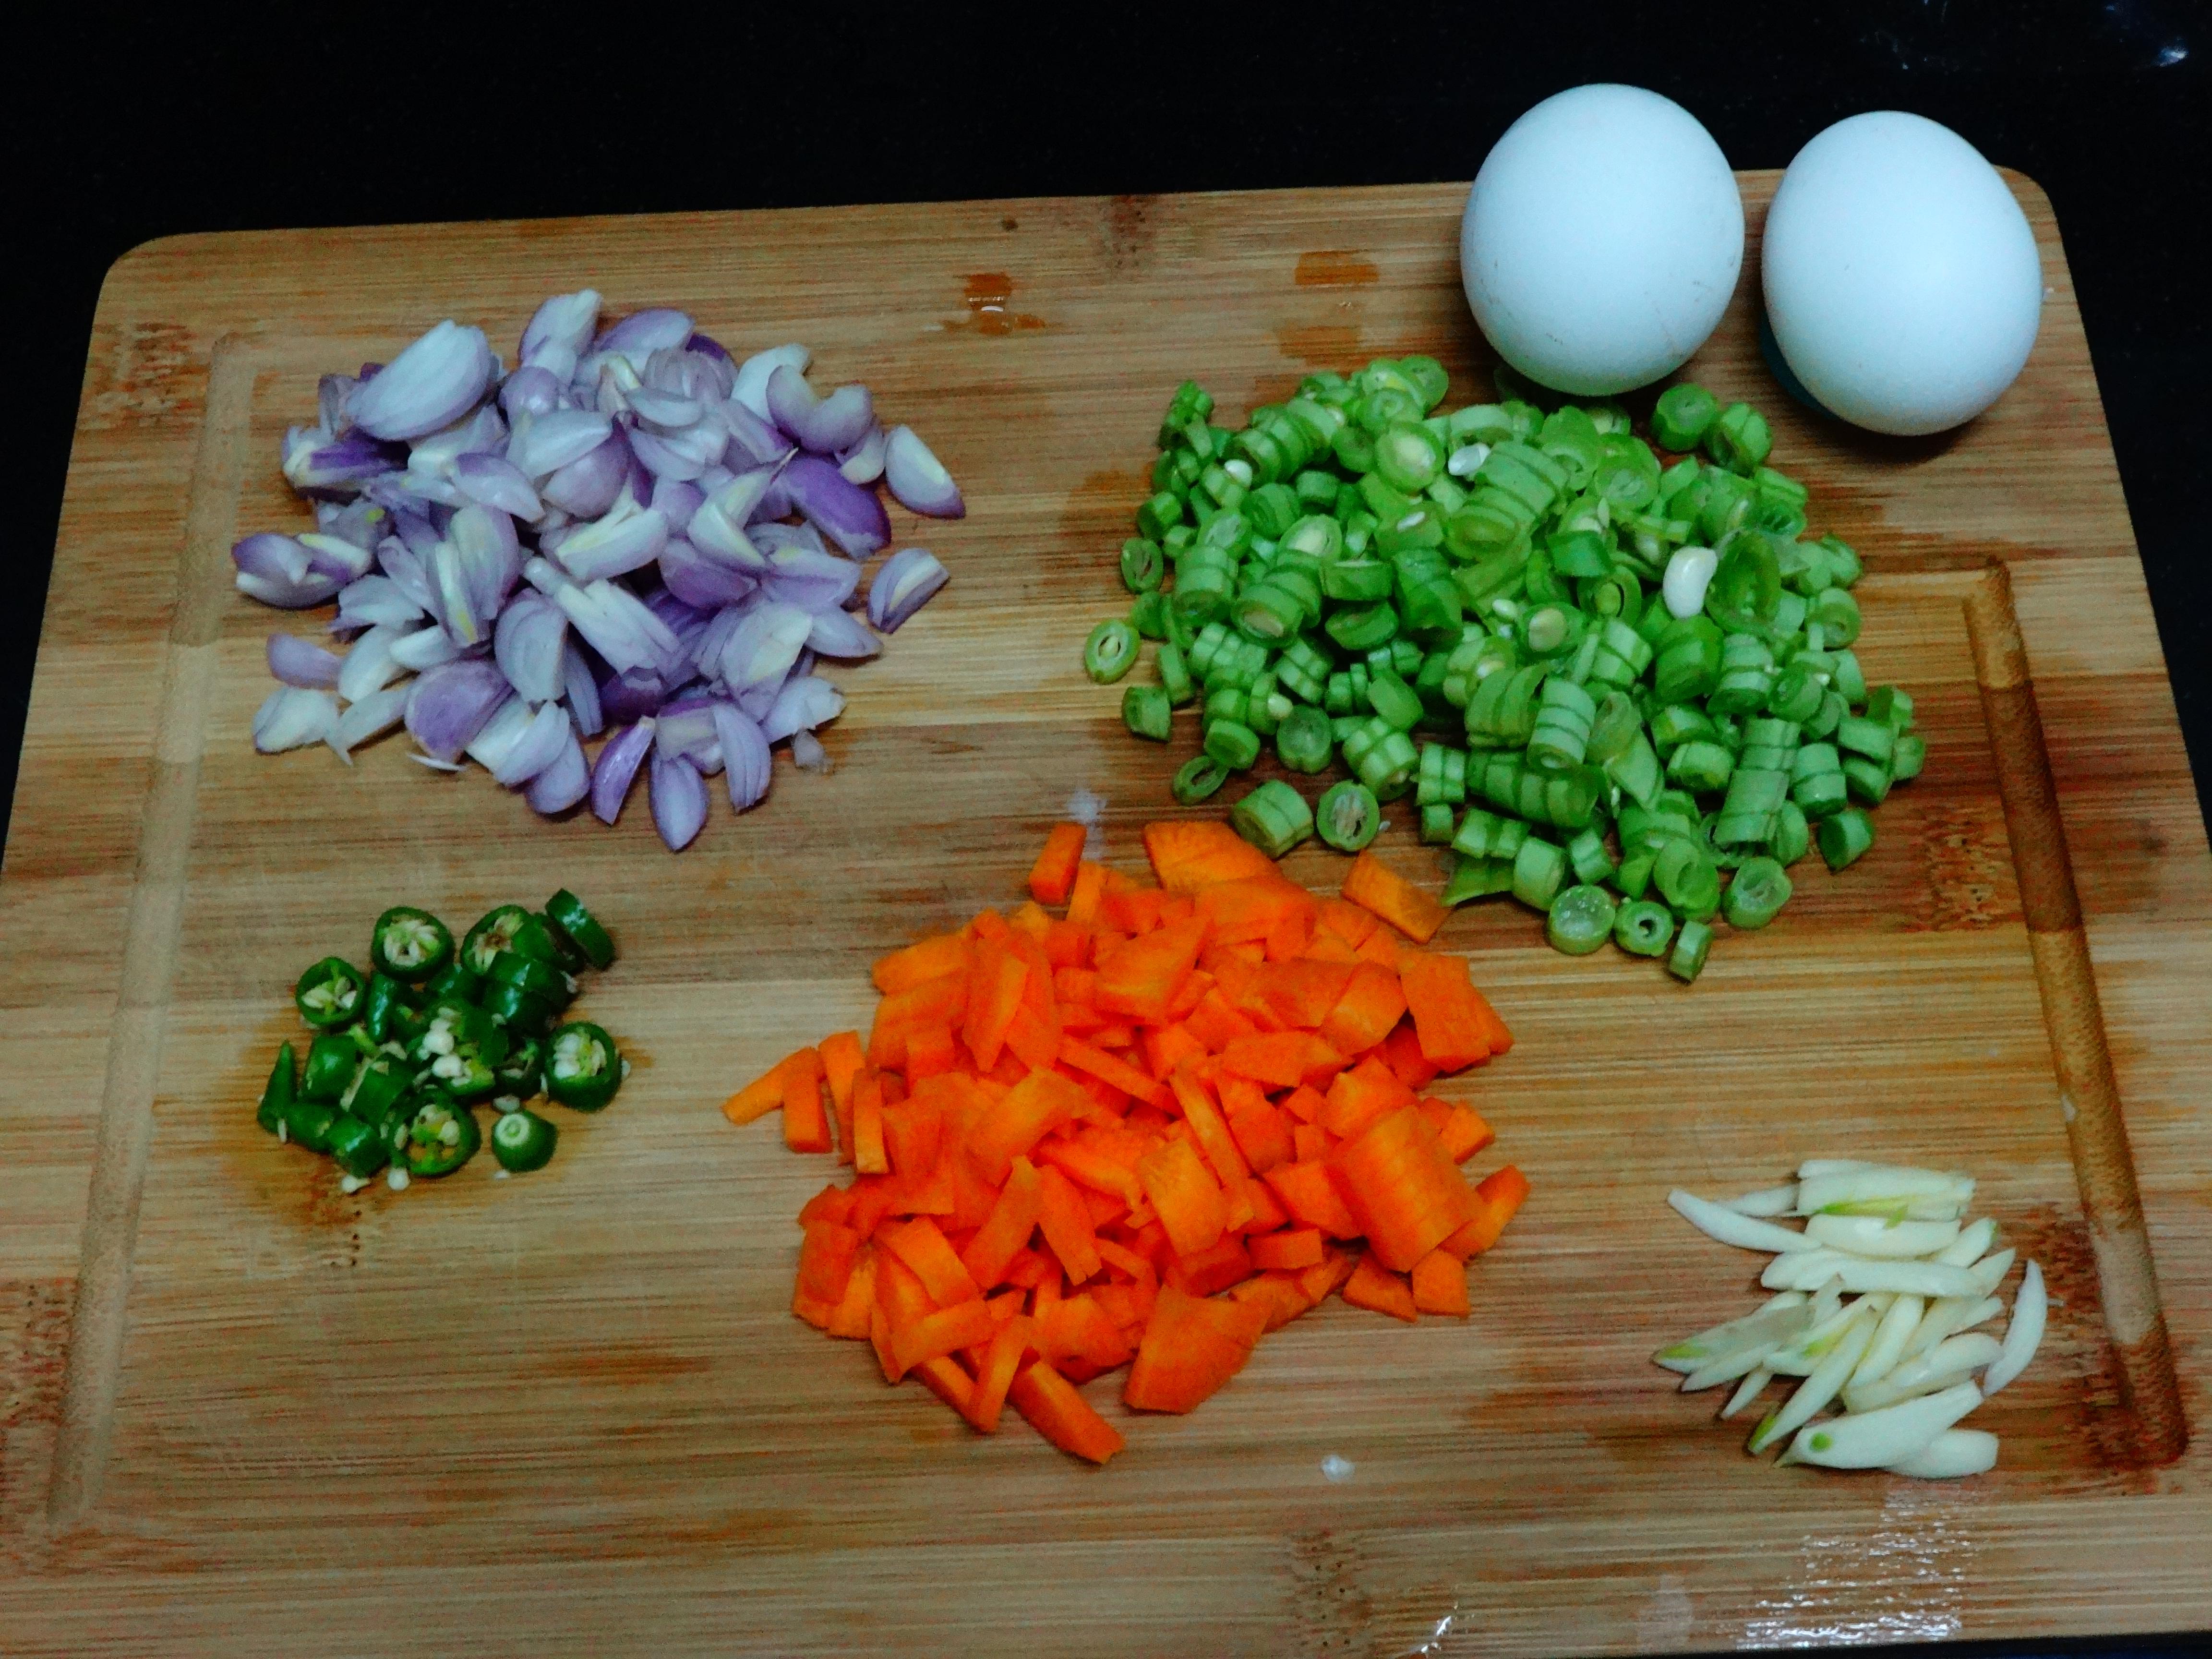 Egg Noodles Ingredients